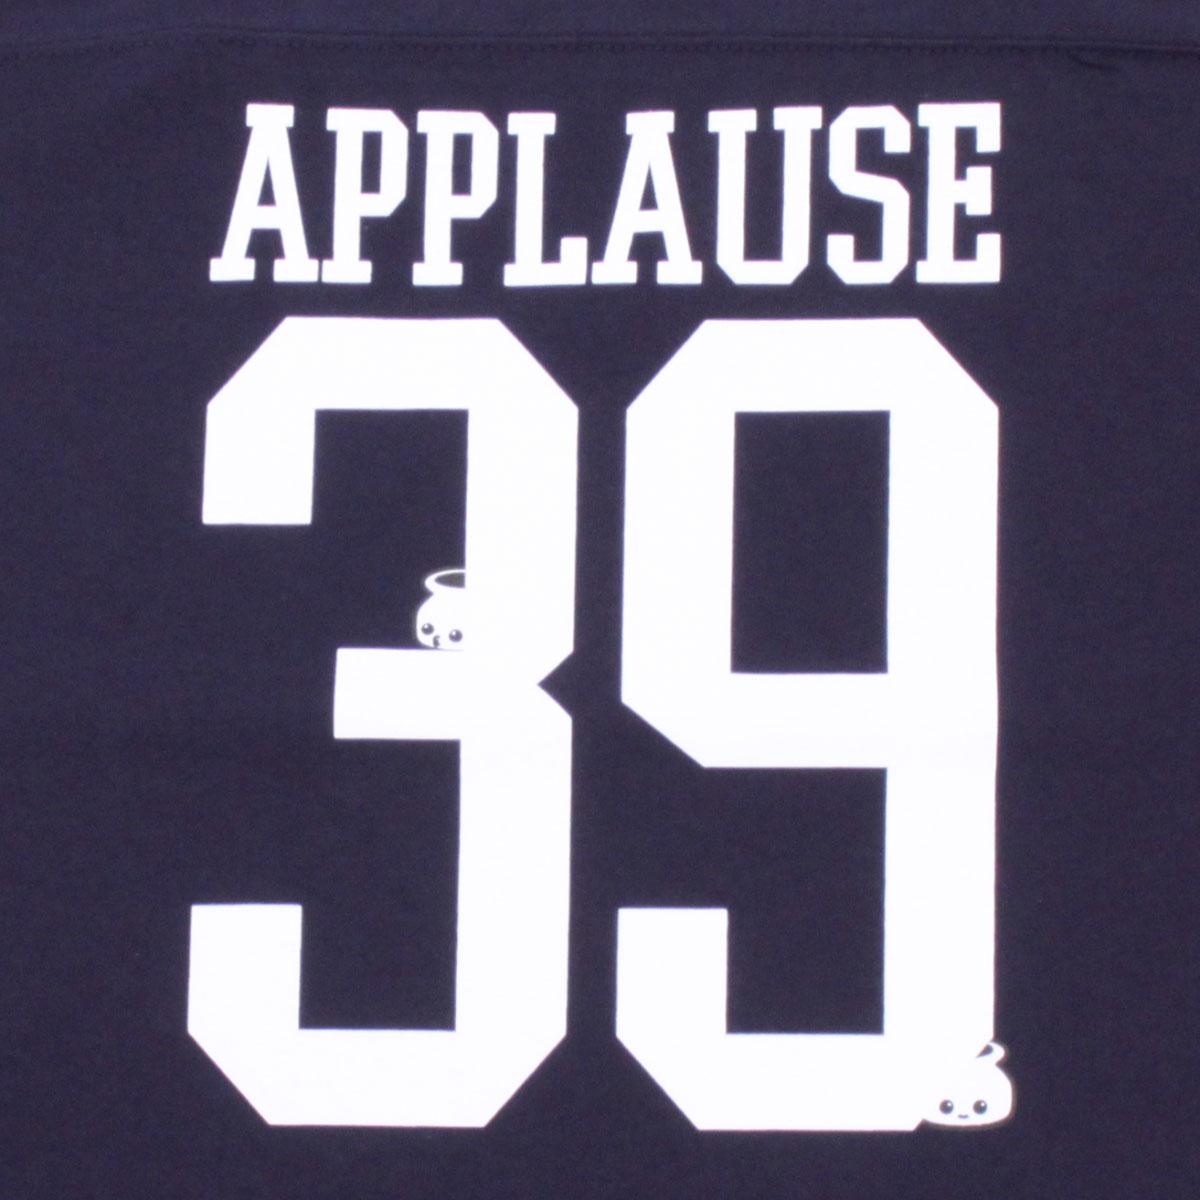 applause フットボールT(Navy)